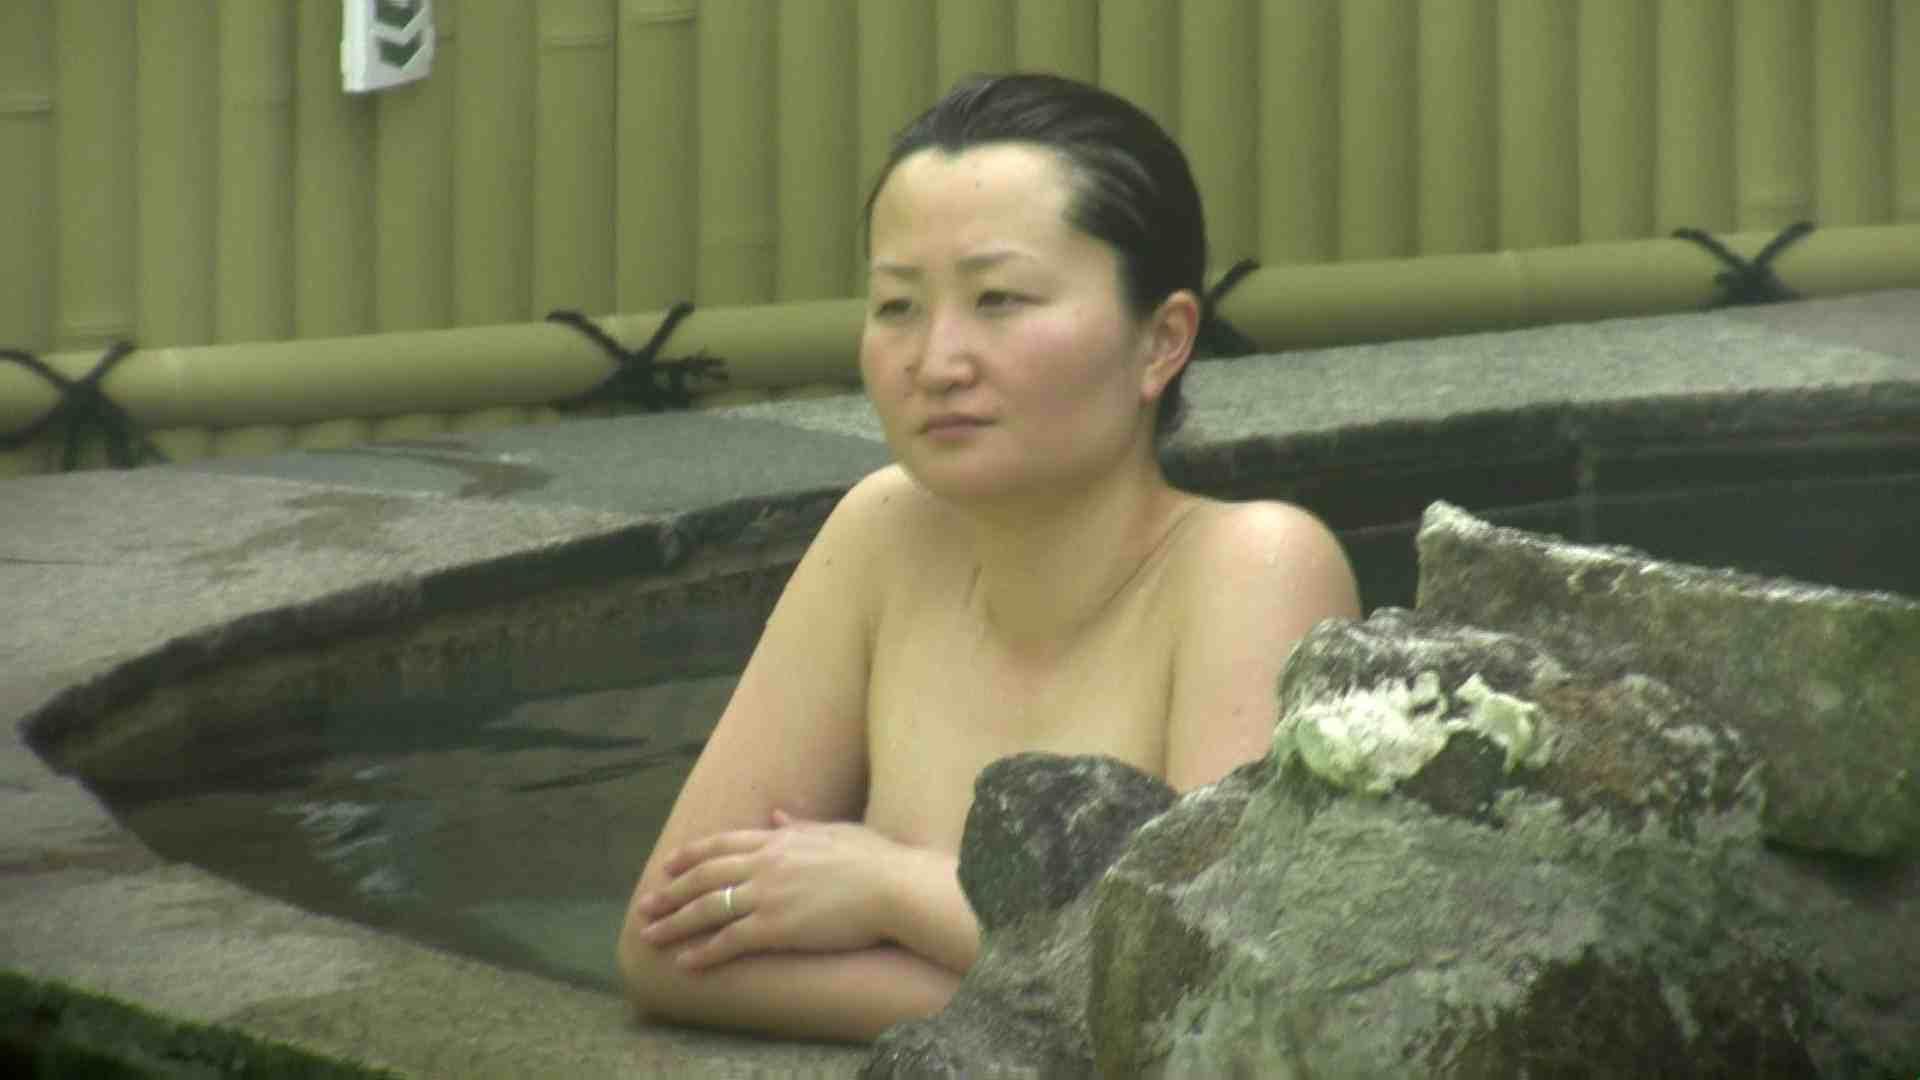 Aquaな露天風呂Vol.632 女体盗撮 | 露天  75連発 7